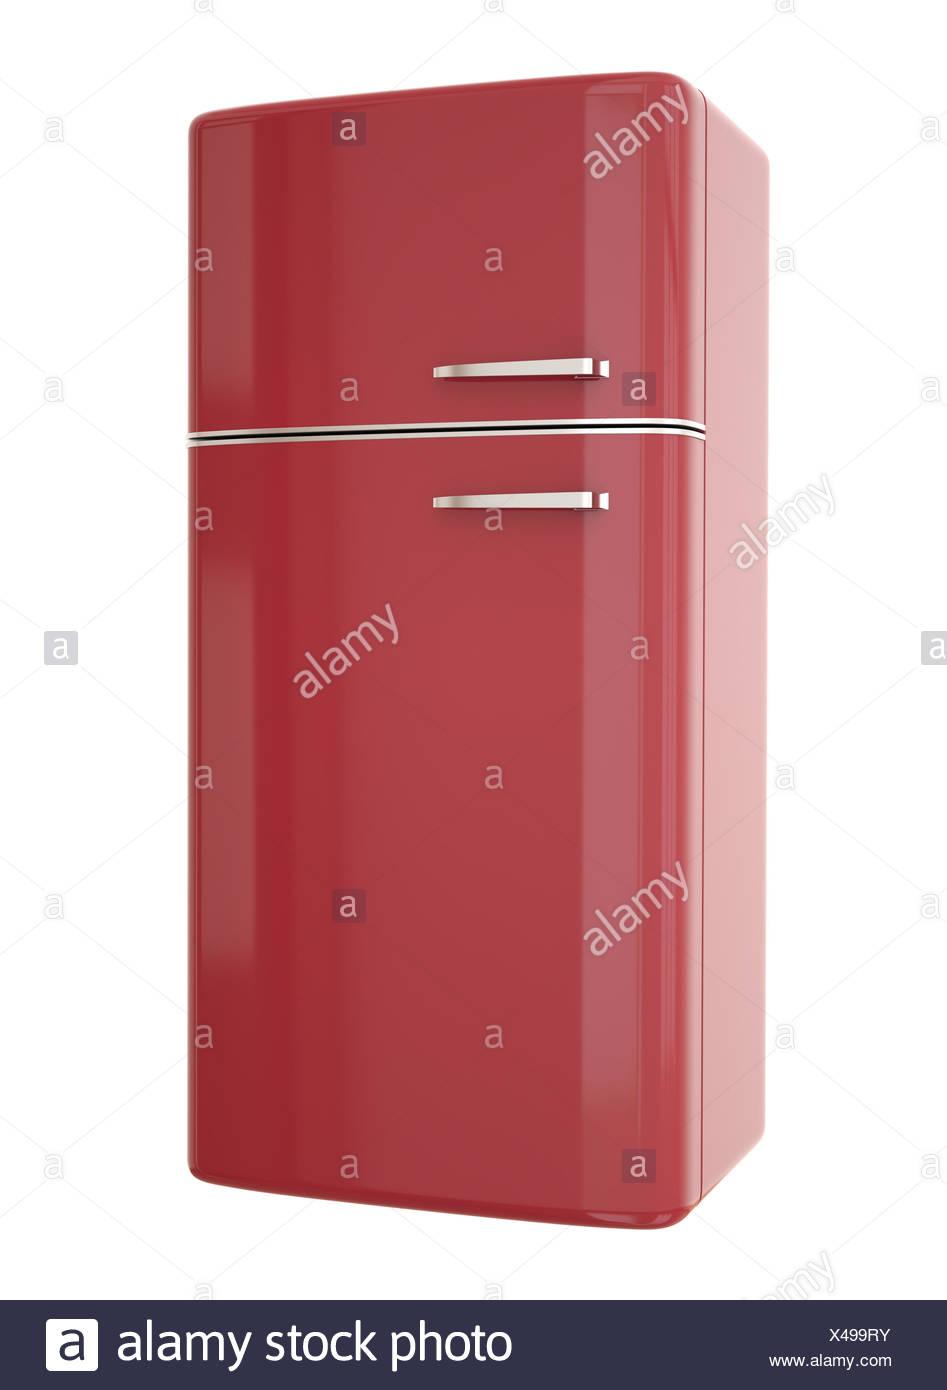 Refrigerateur Rouge   Réfrigérateur Réfrigérateur Rétro Rouge Rétro ... d6353d9d9c7a